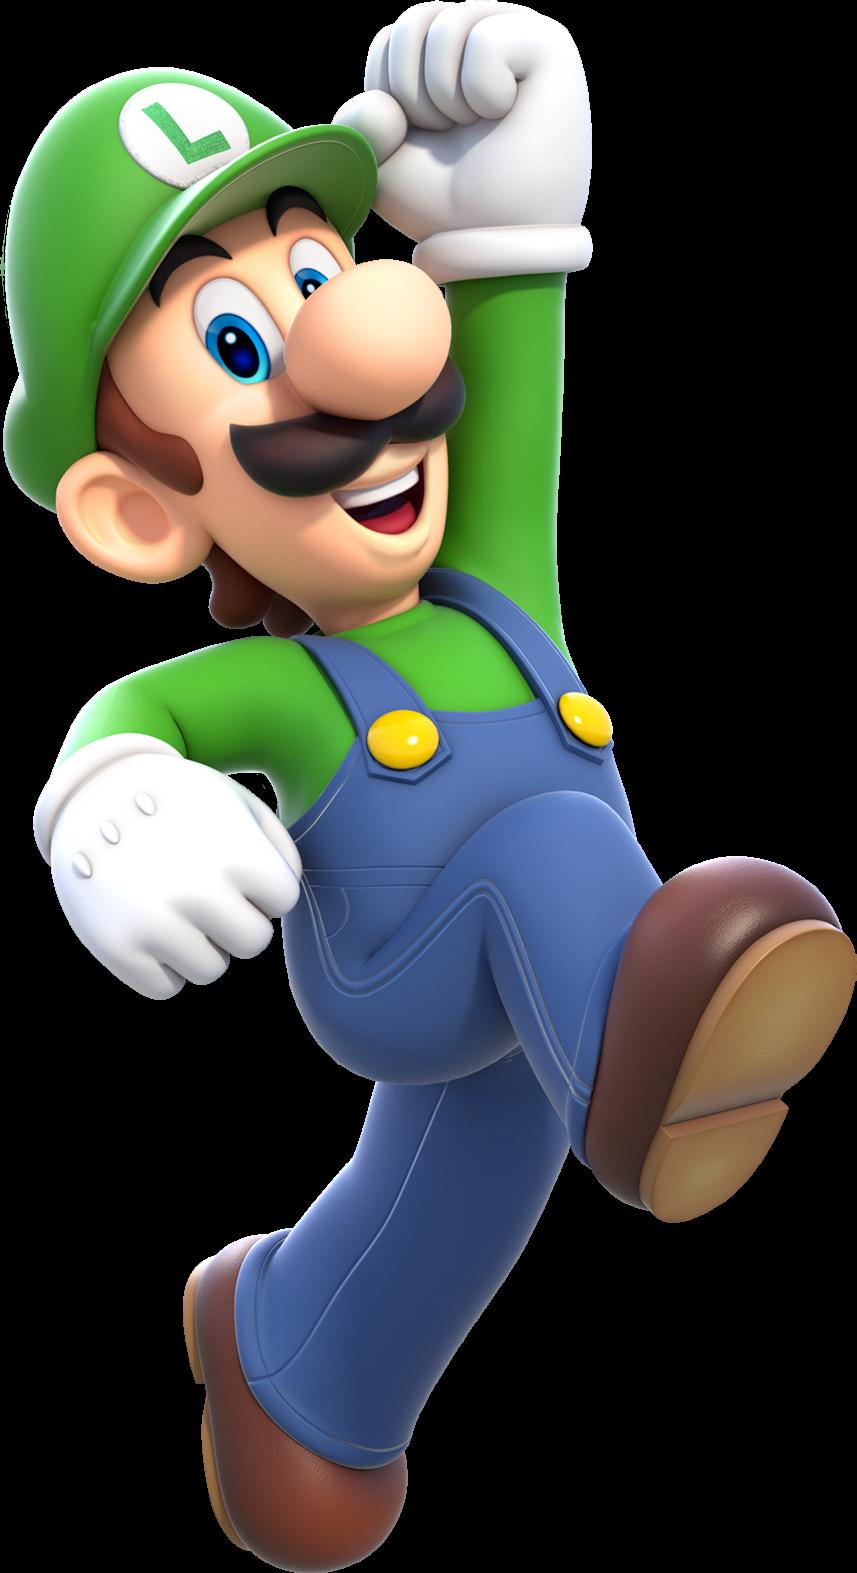 Luigi Artwork (alt) - Super Mario 3D World.png - Mario And Luigi PNG